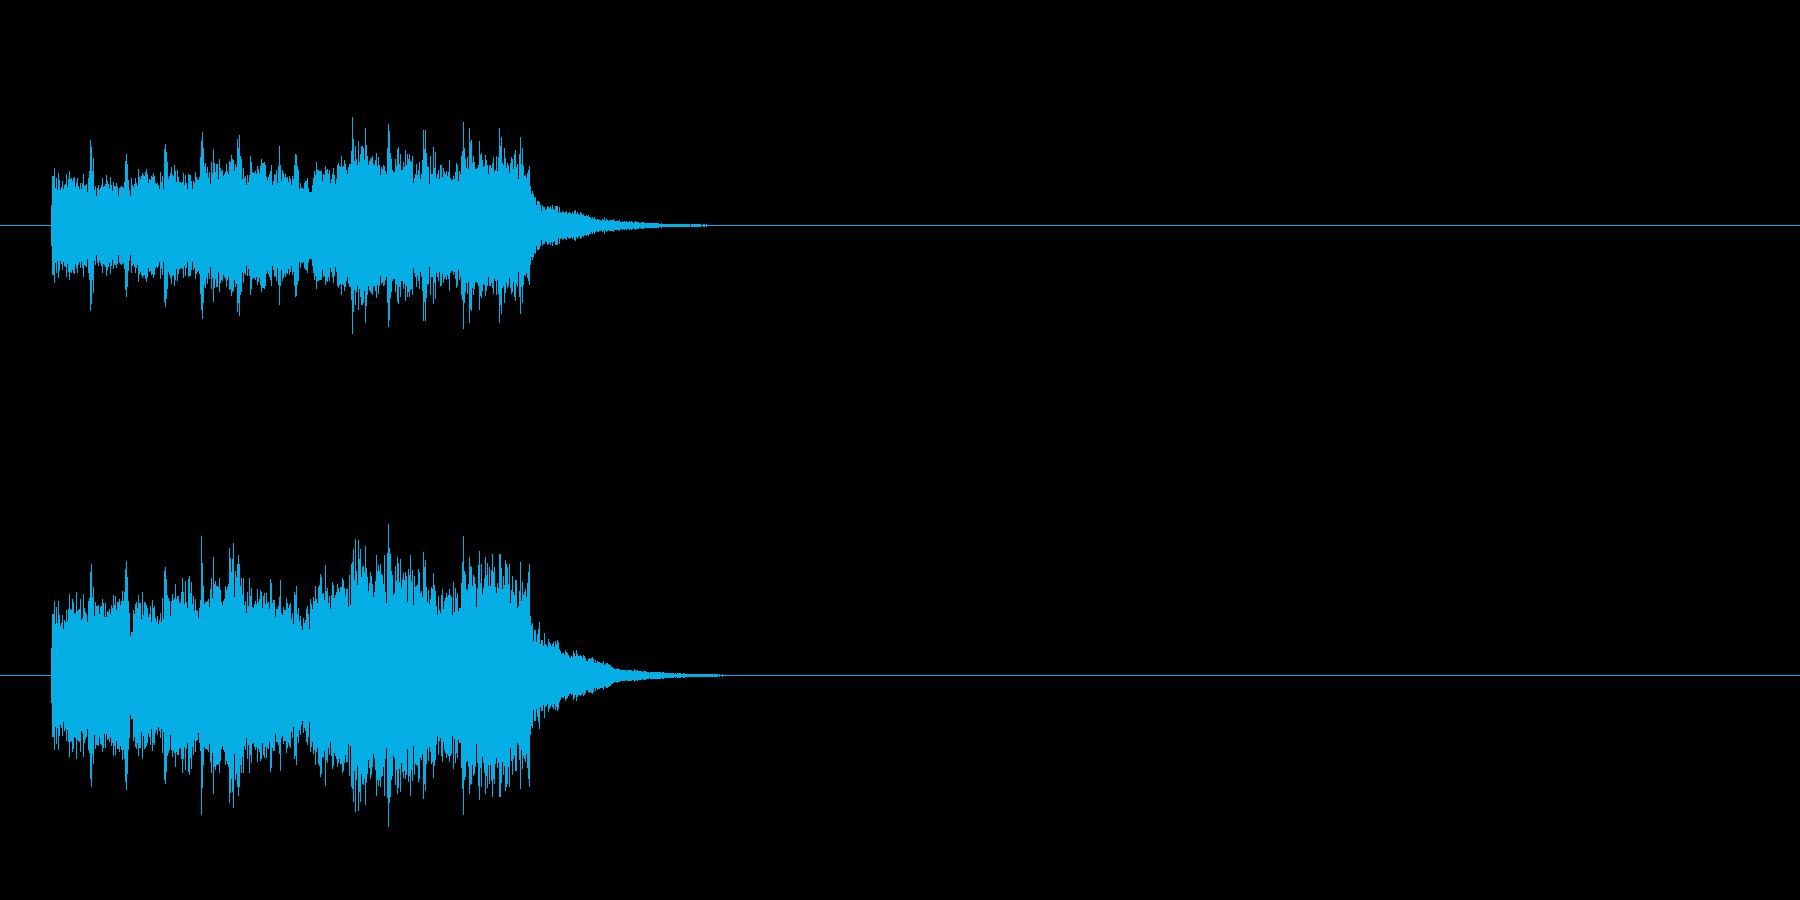 コミカルタッチジングルの再生済みの波形